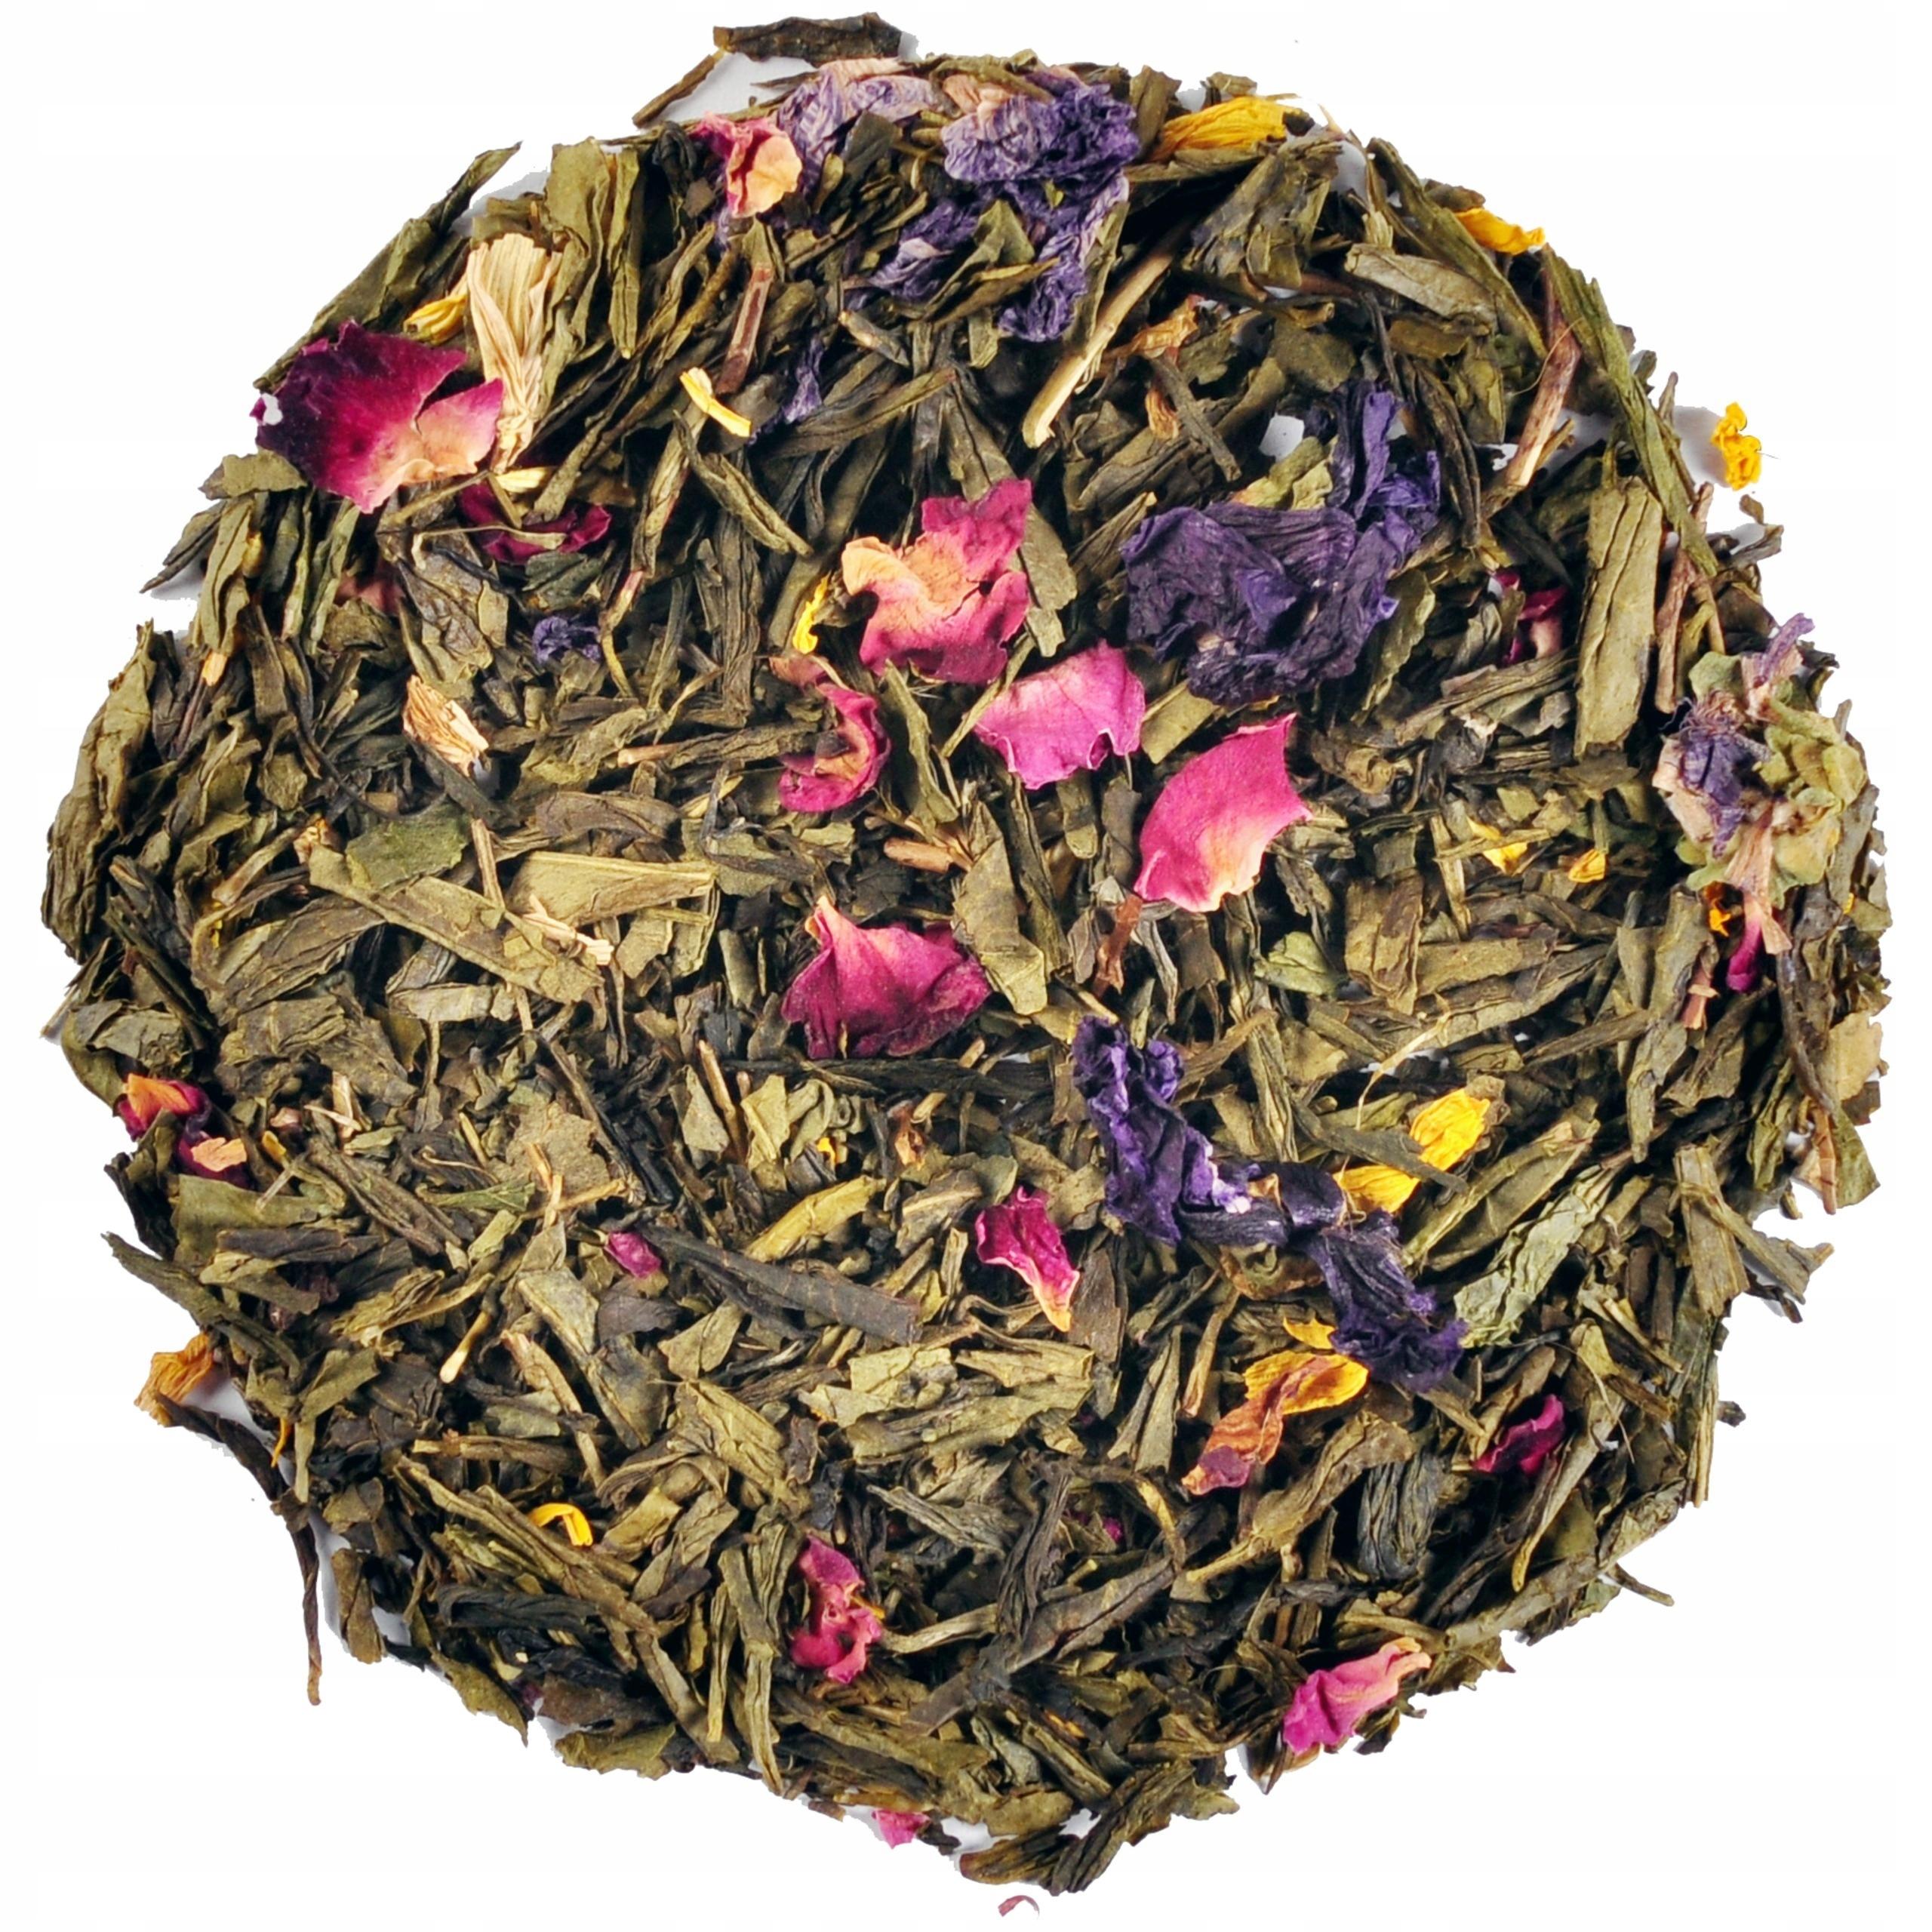 УТРЕННИЙ ДУХ Зеленый чай 50г ИДЕАЛЬНЫЙ